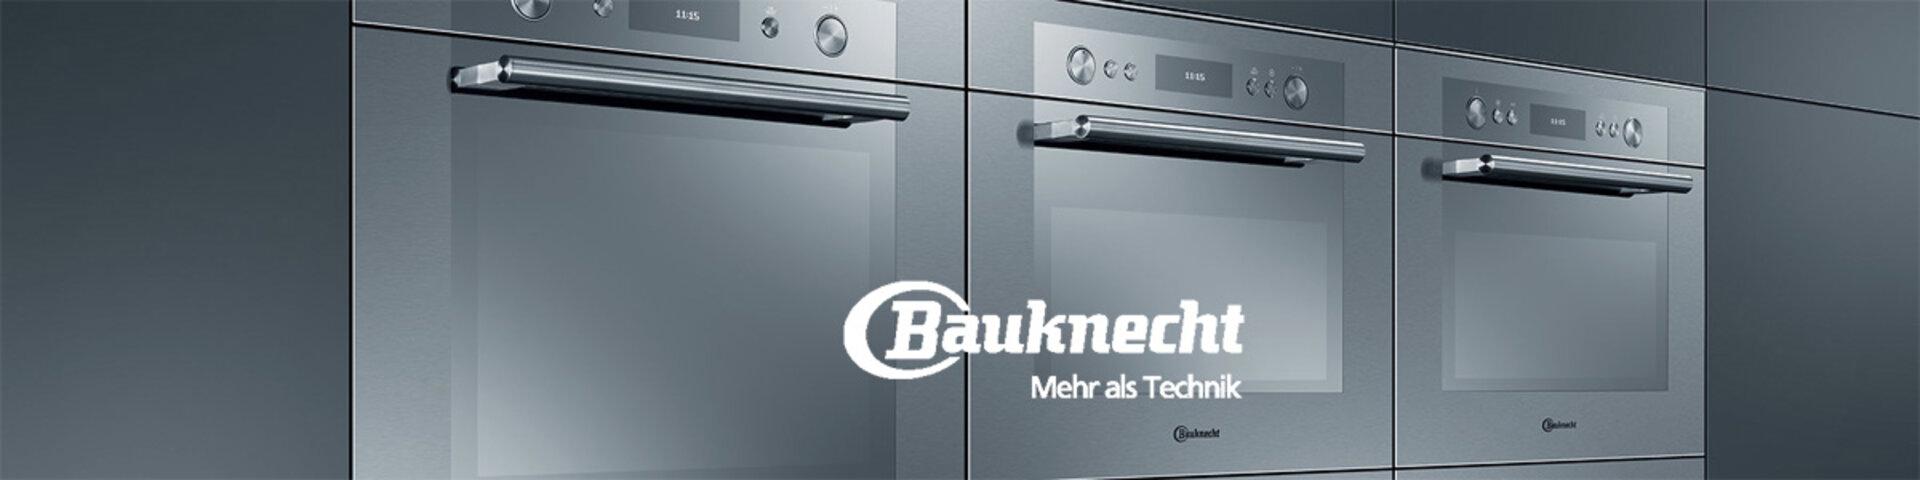 Bauknecht keukenapparatuur